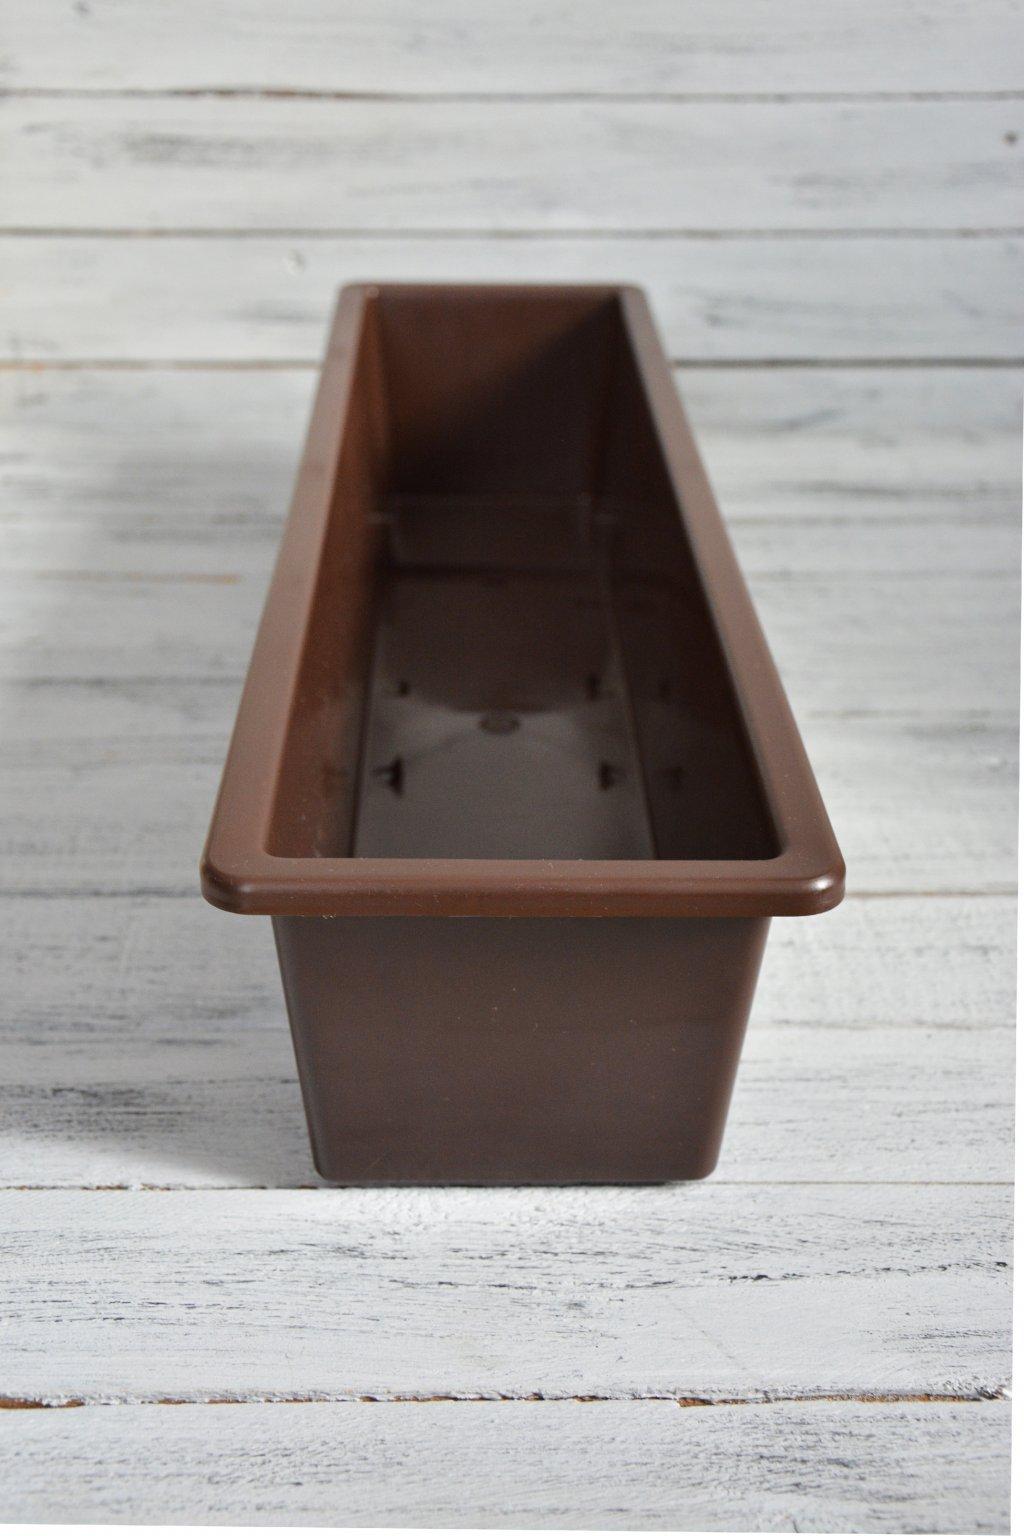 plastový truhlík na barvení papírových ruliček rozměr truhlíku je 60 cm